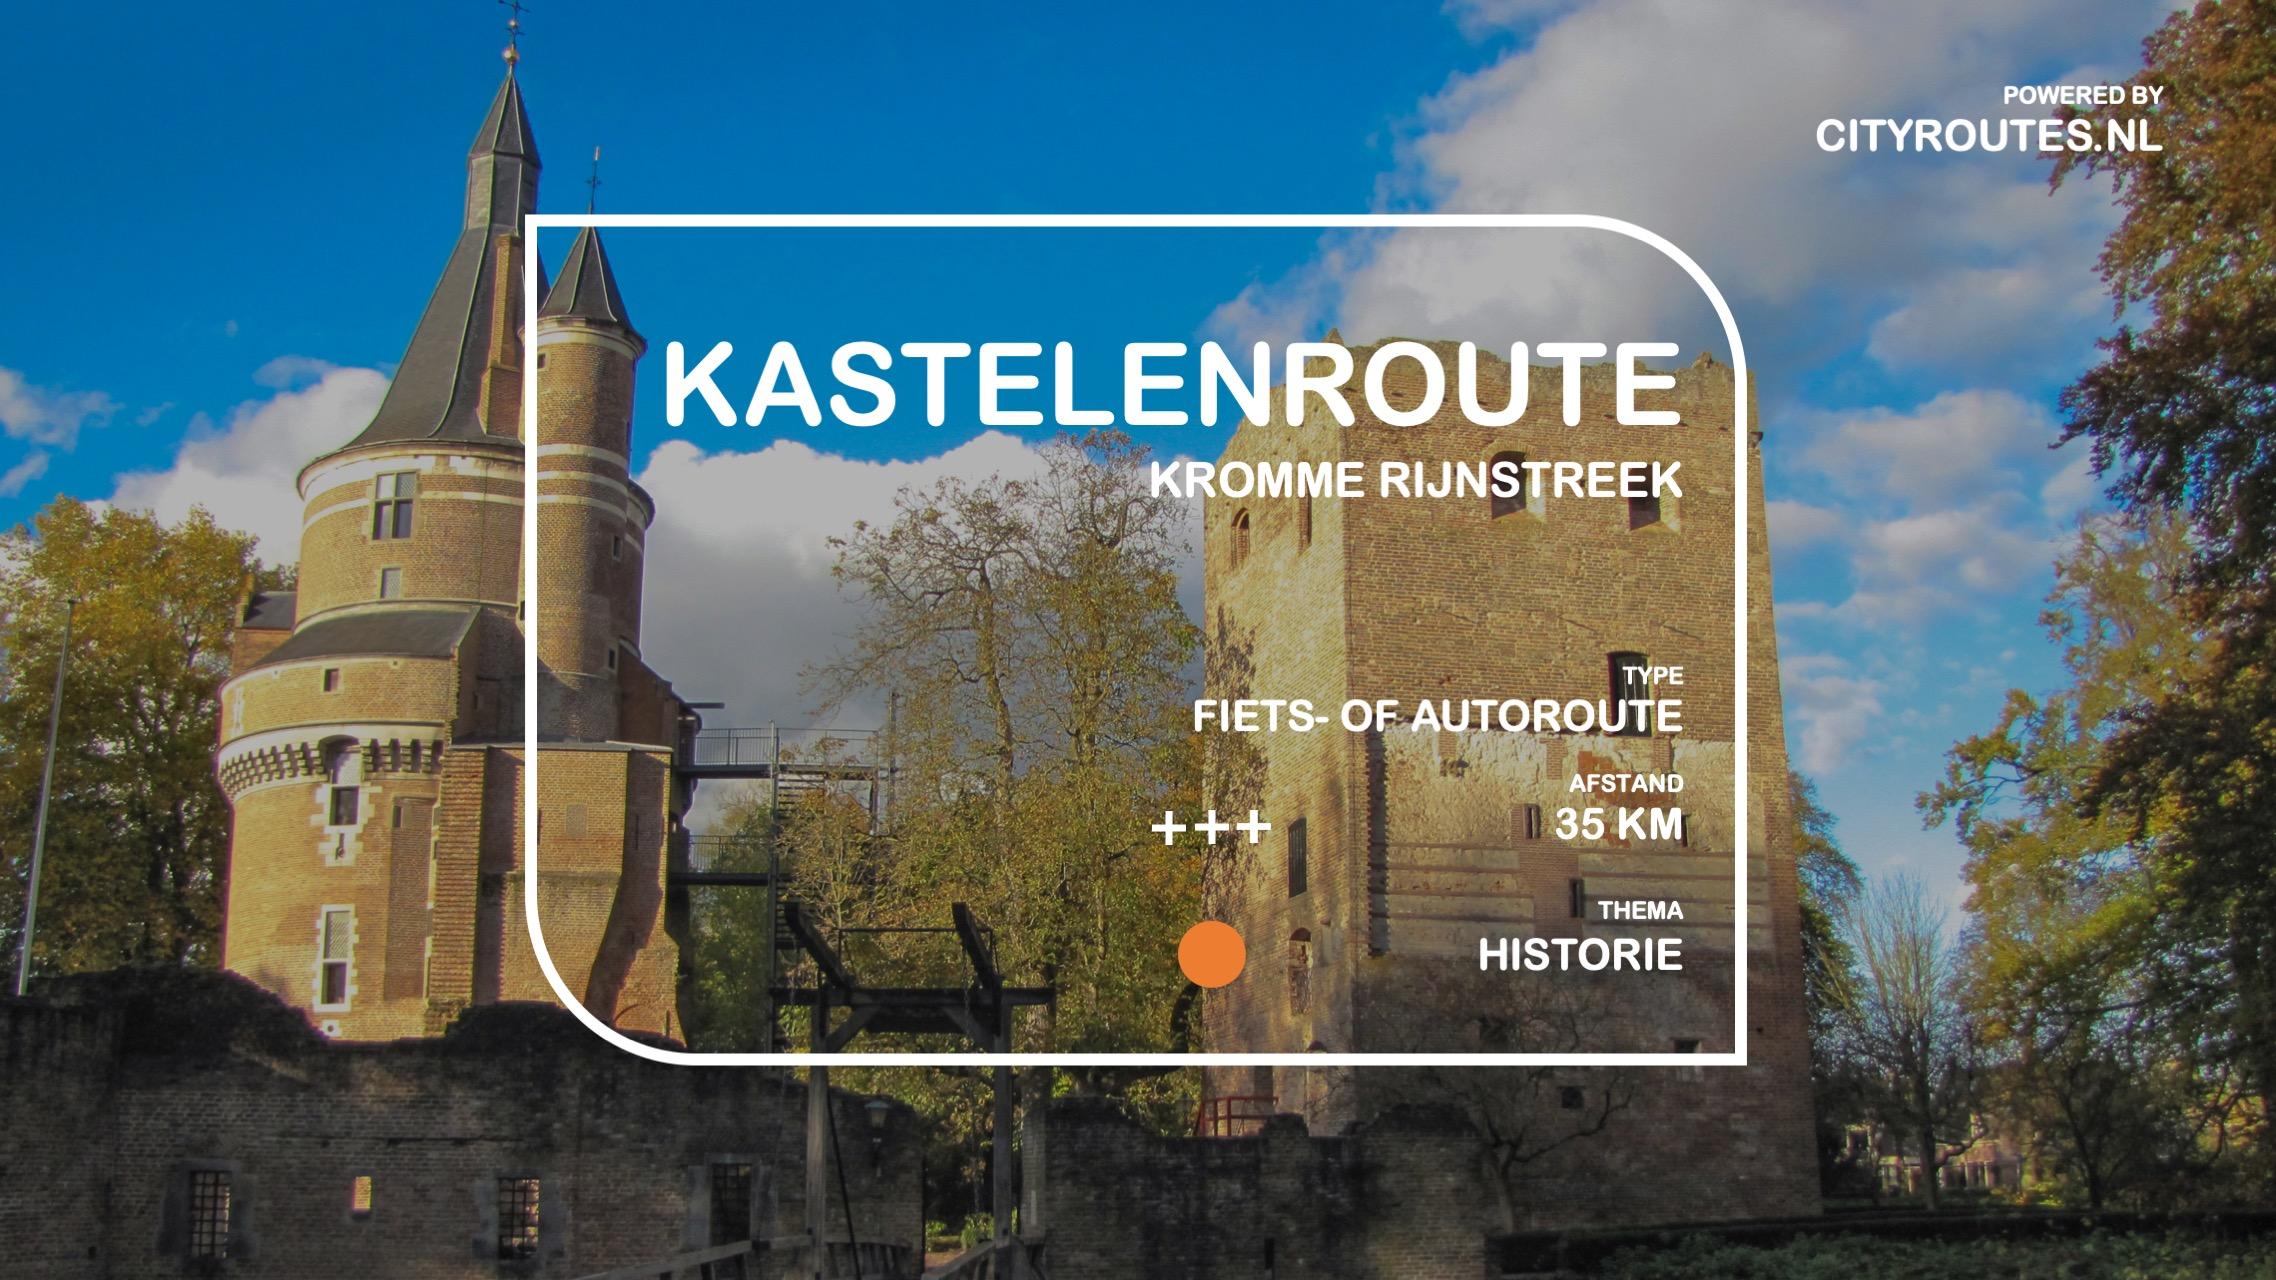 Gratis Kastelenroute Kromme Rijnstreek